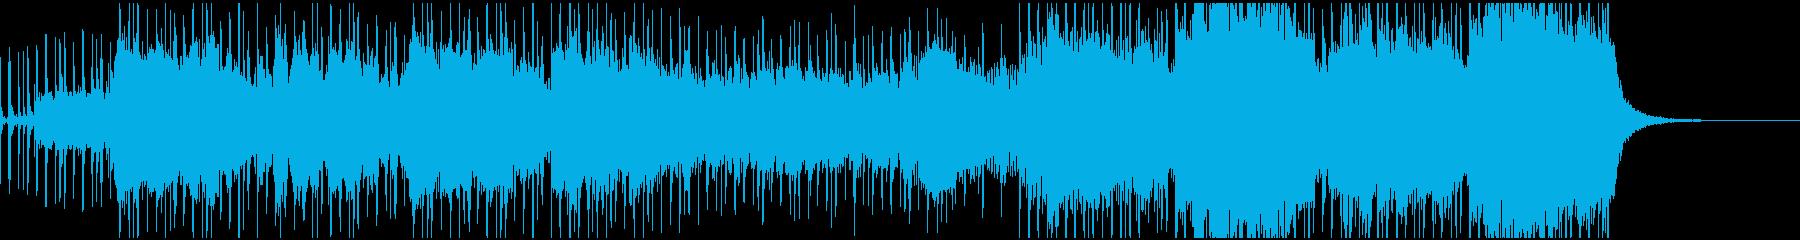 アレンジVer. パヴァーヌの再生済みの波形